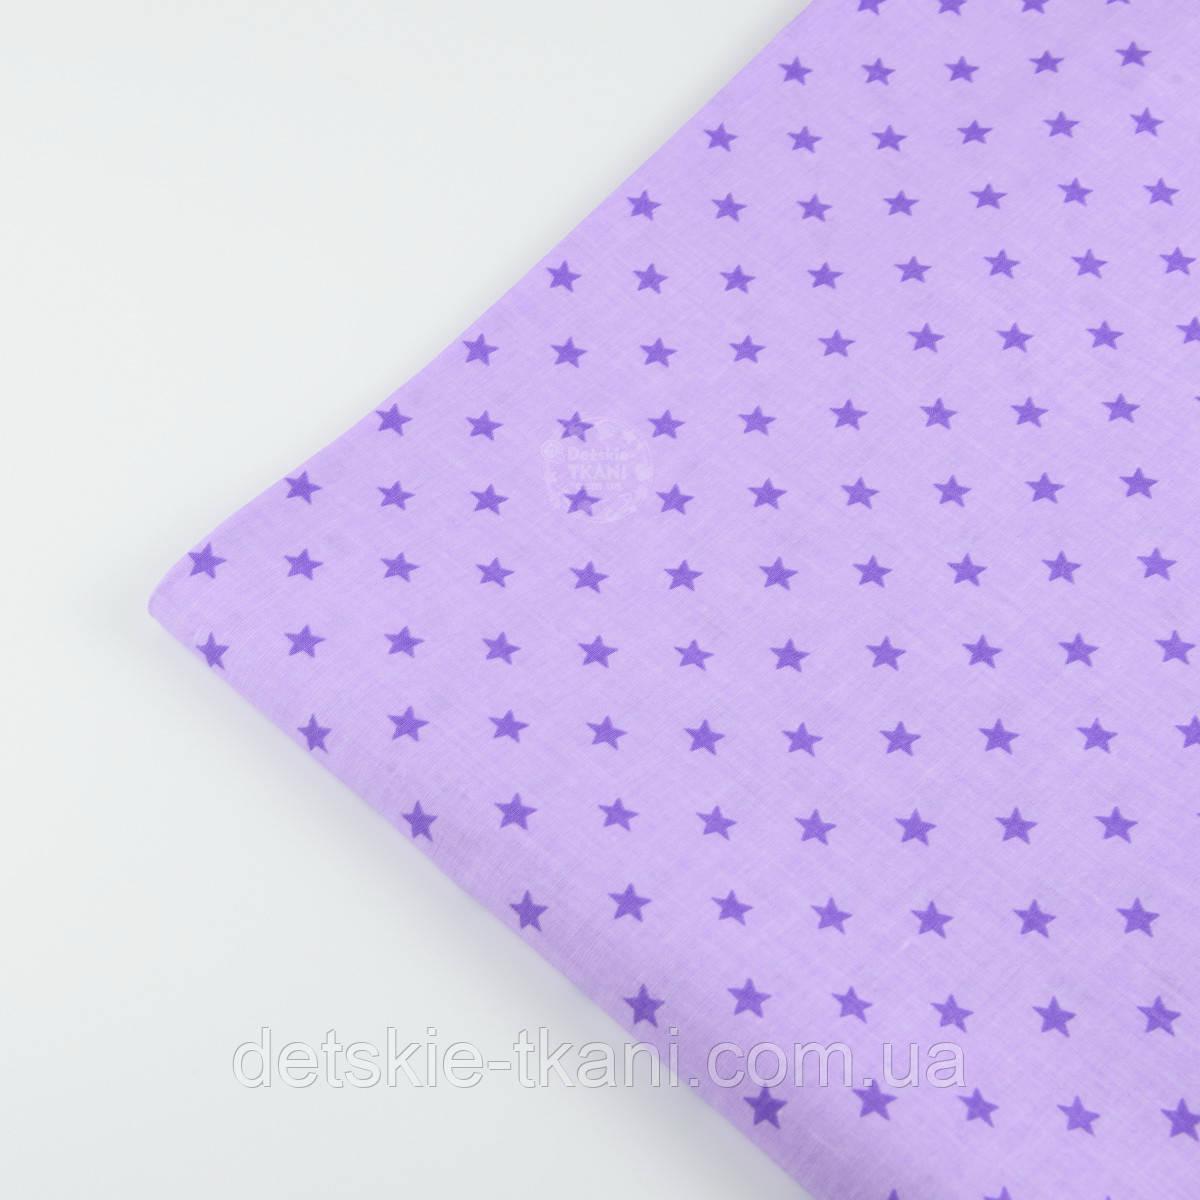 Лоскут ткани №210а с изображением сиреневых звёздочек на светло-сиреневом фоне